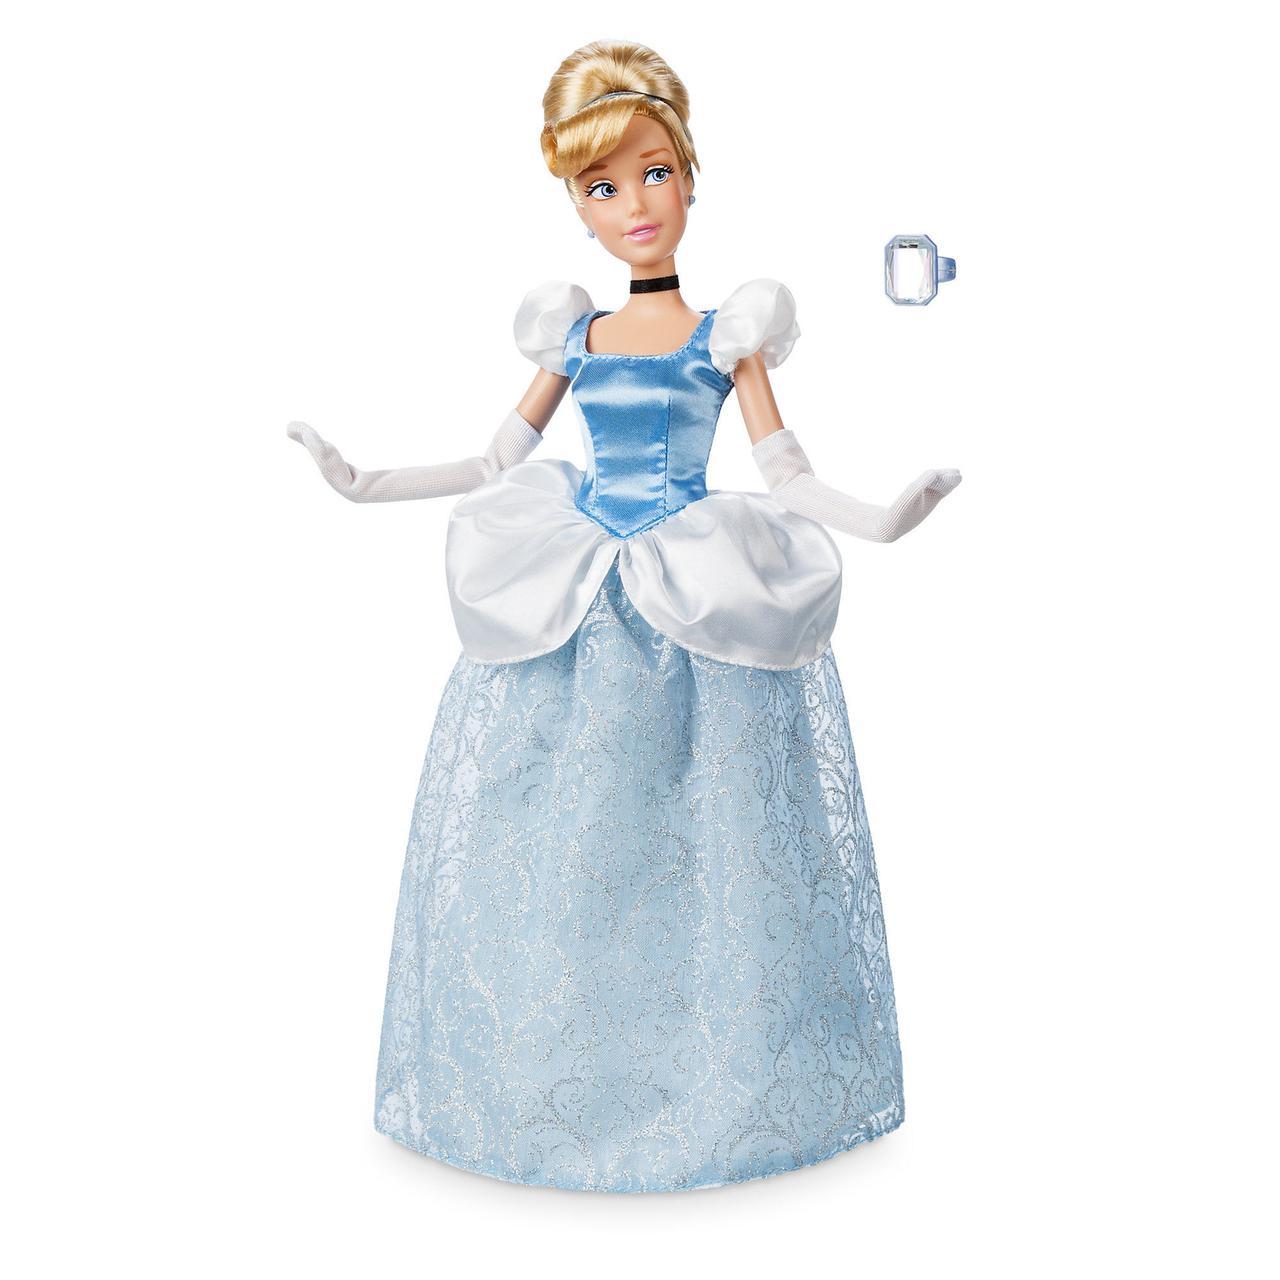 Кукла Золушка с драгоценным кольцом - Cinderella принцесса Дисней куклы Disney